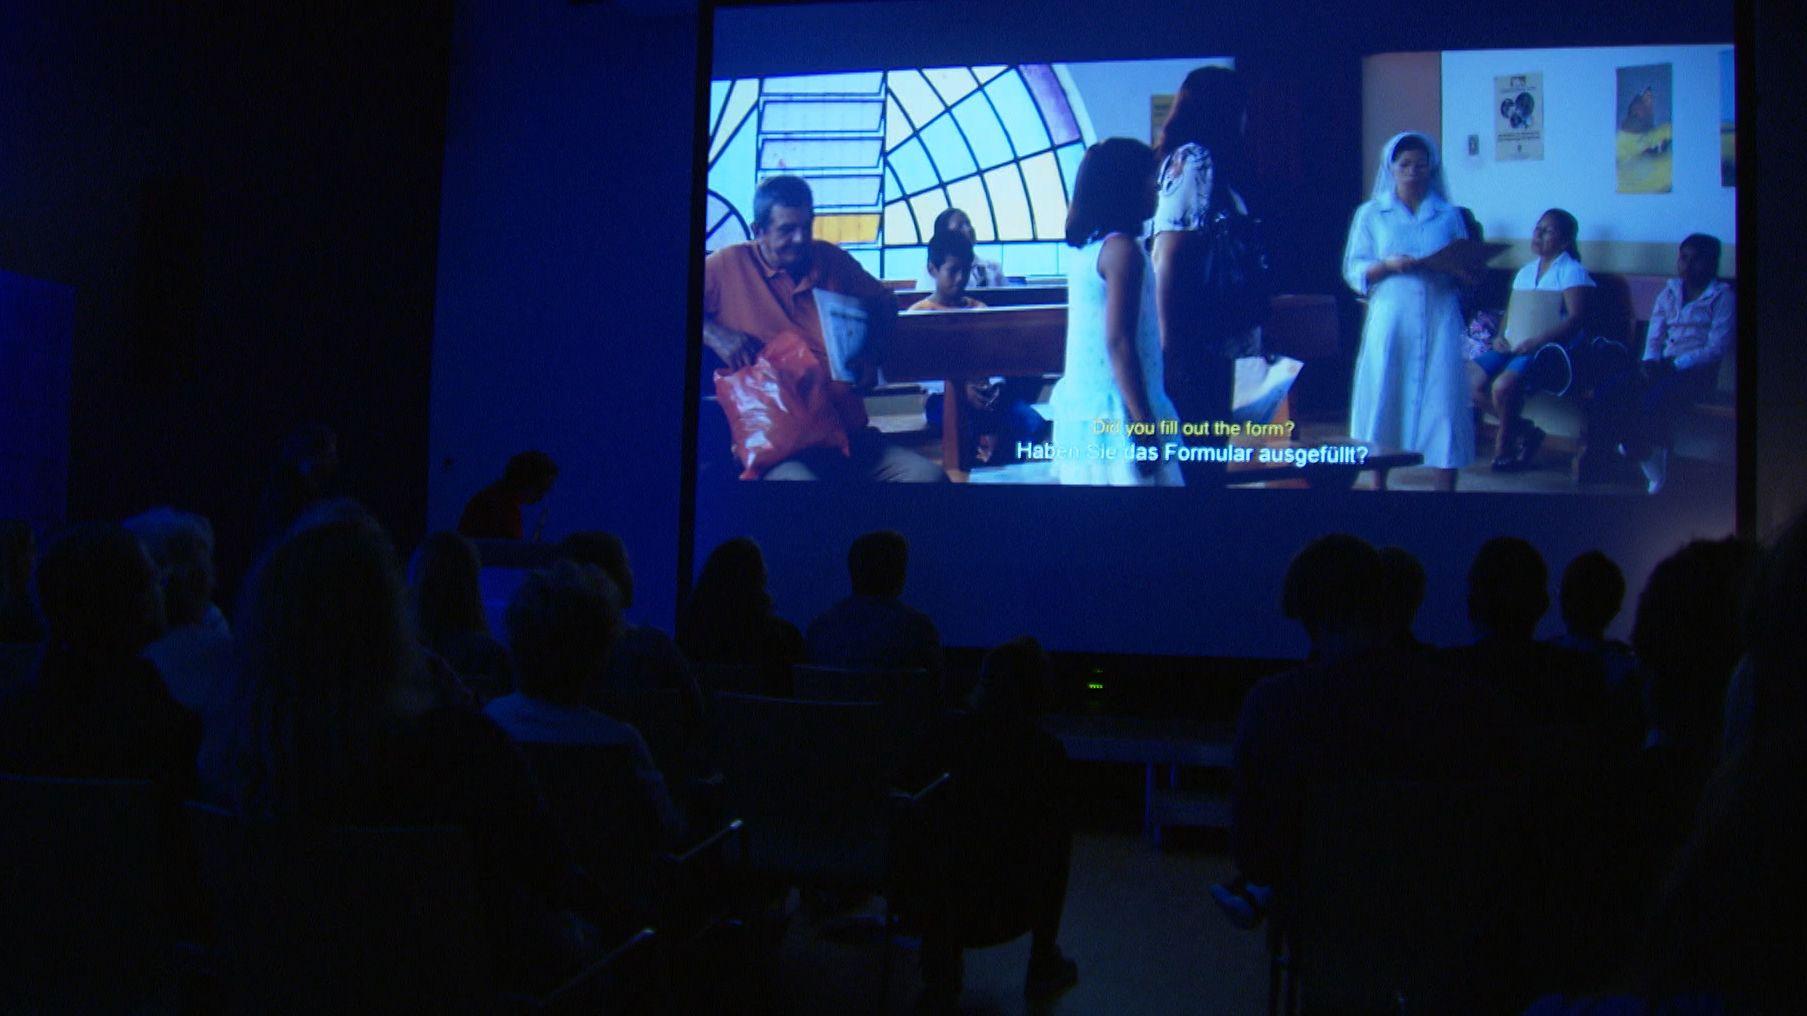 """Filmszenen aus """"The Silence"""" werden während der Preisverleihung beim Nürnberger Menschenrechtsfilmfestival gezeigt."""